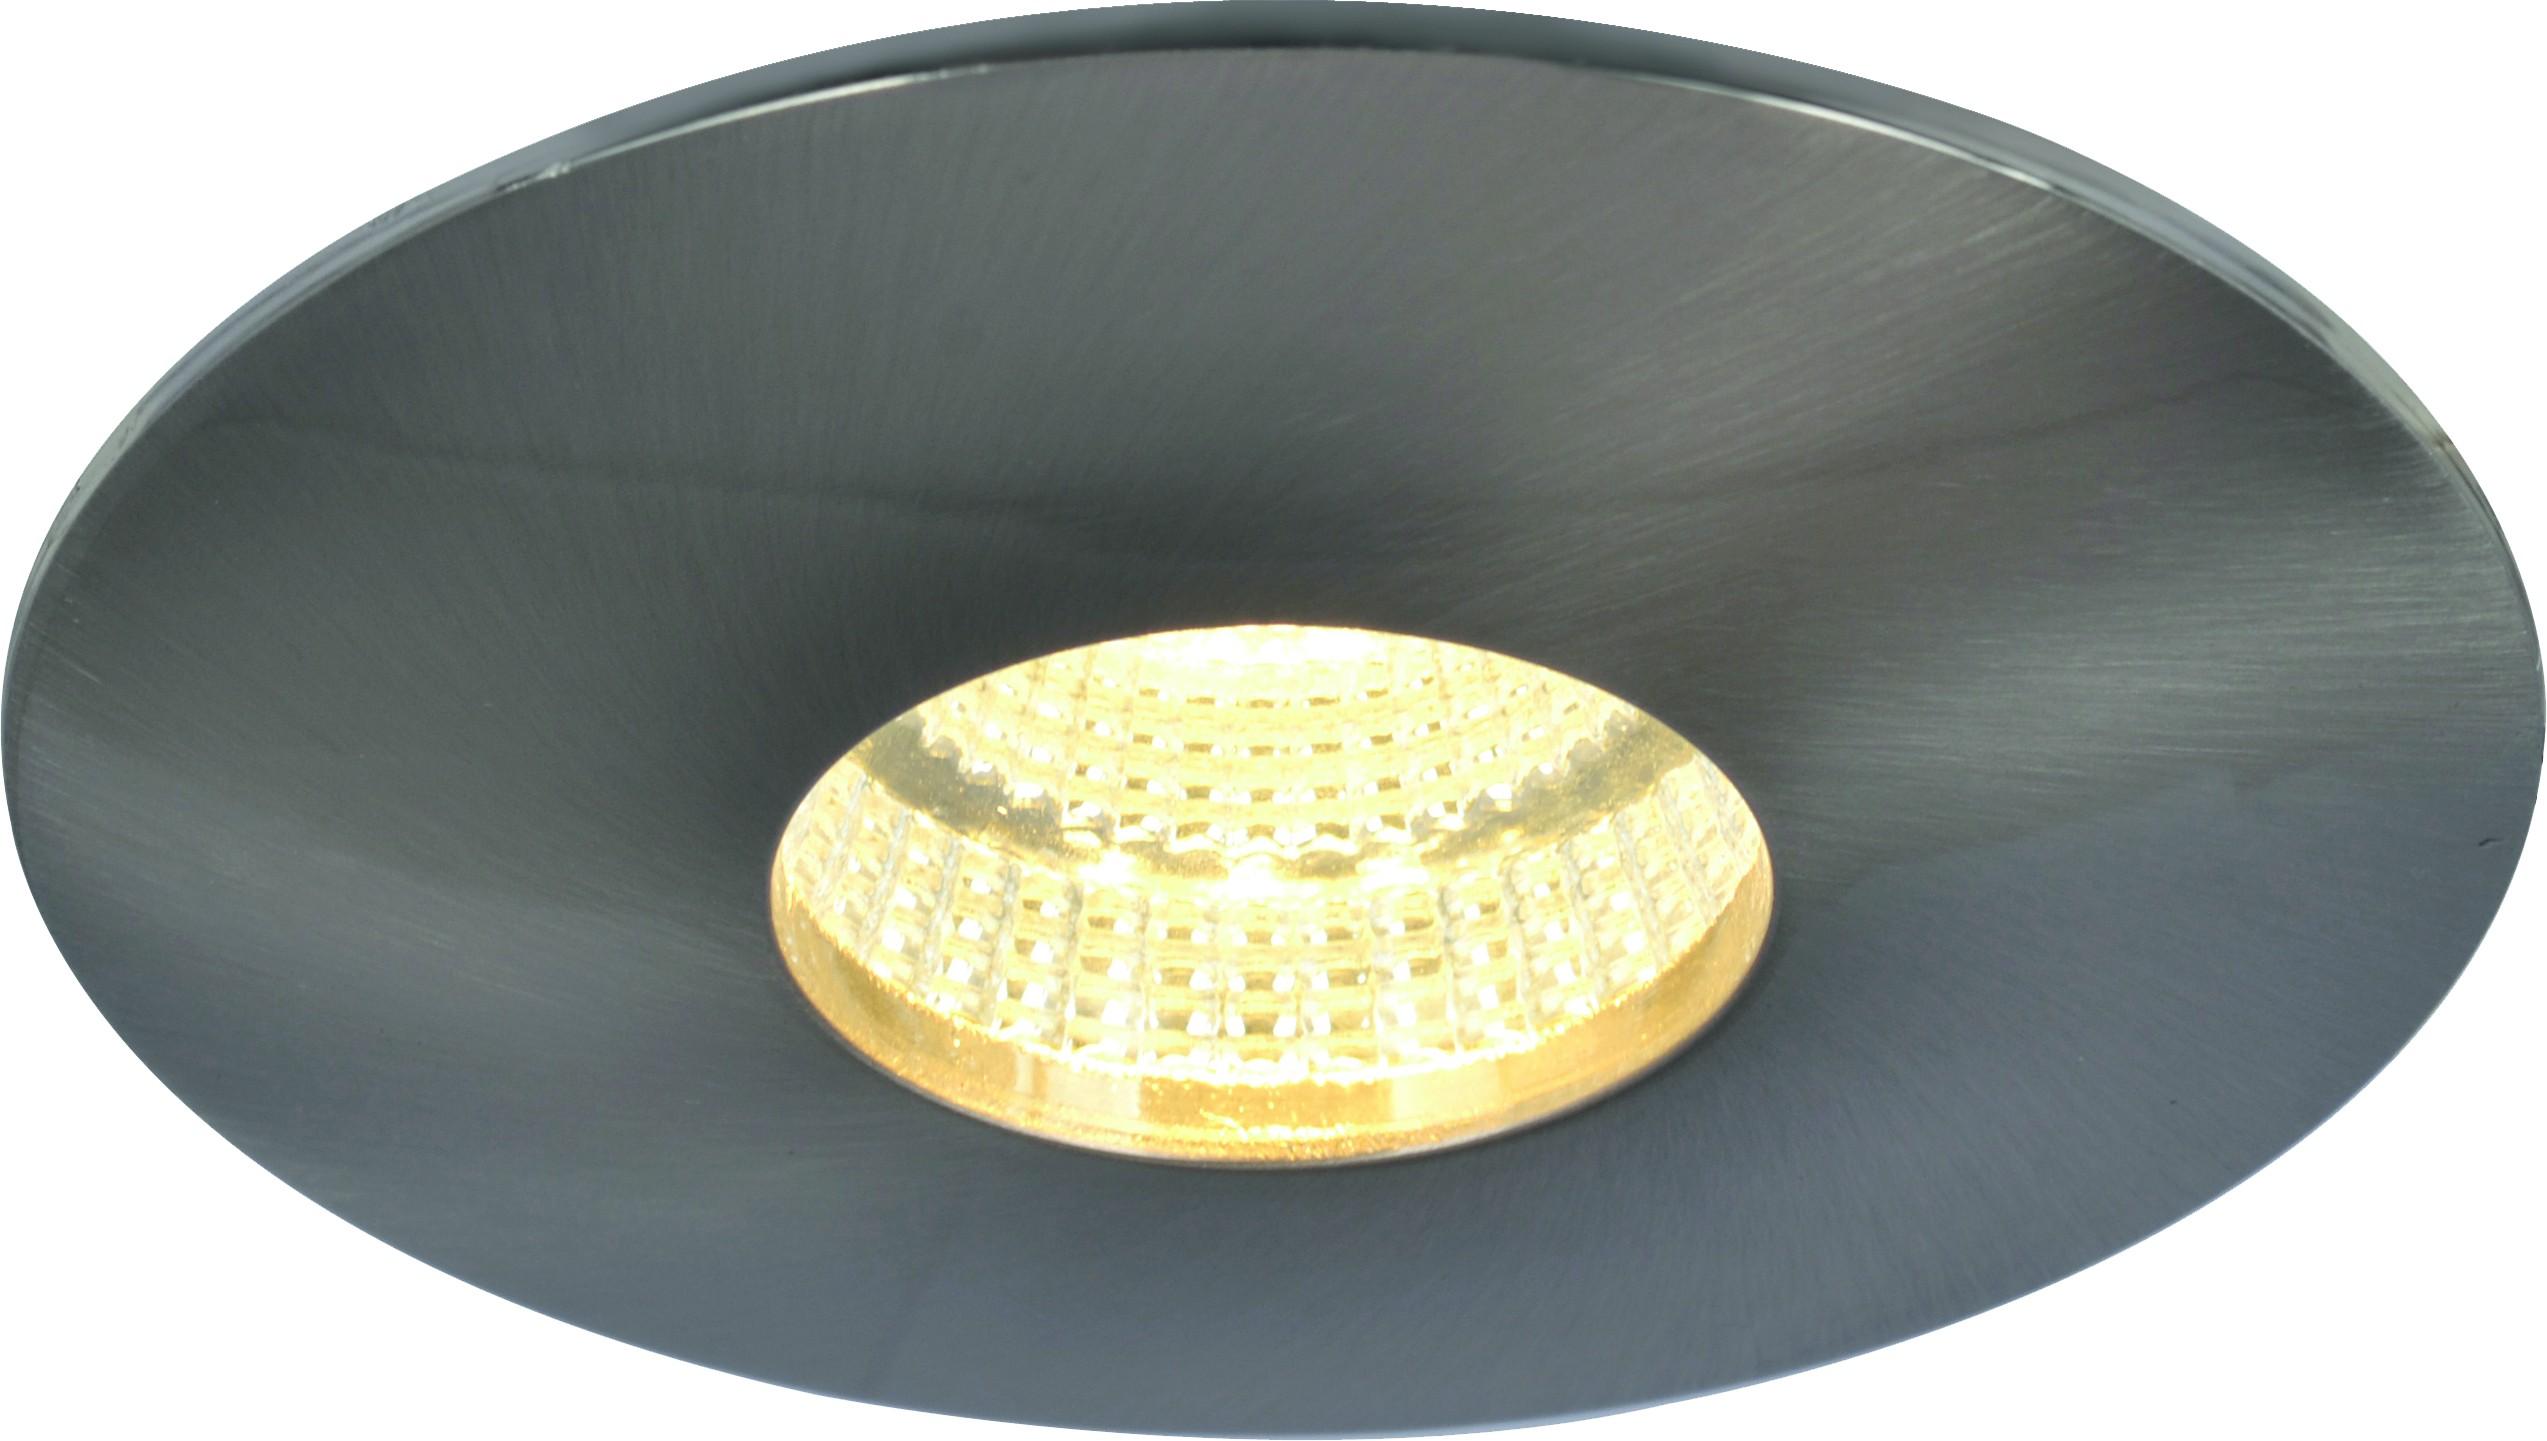 Светильник встраиваемый Arte lamp A5438pl-1ss встраиваемый спот точечный светильник arte lamp accento a3219pl 1ss